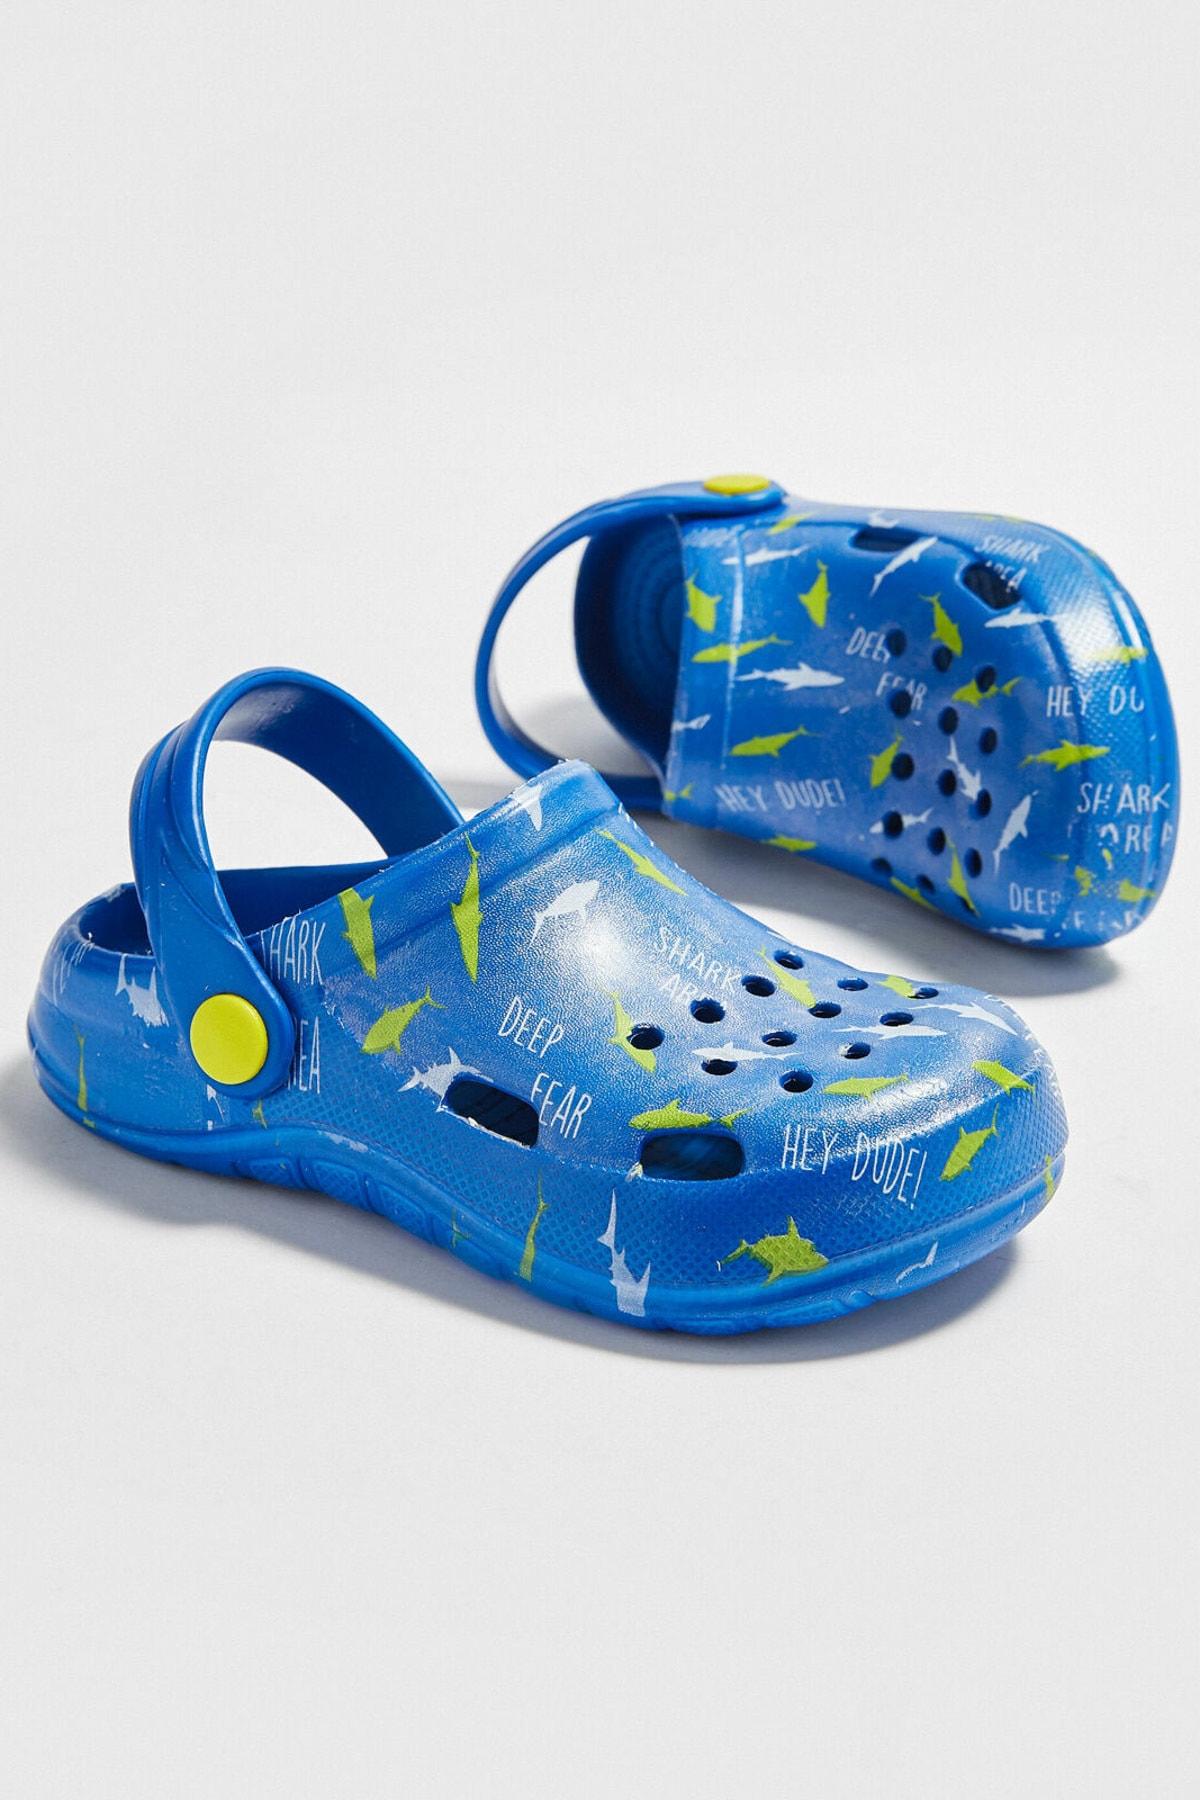 LC Waikiki Erkek Çocuk Saks Mavi Crw Sandalet 2